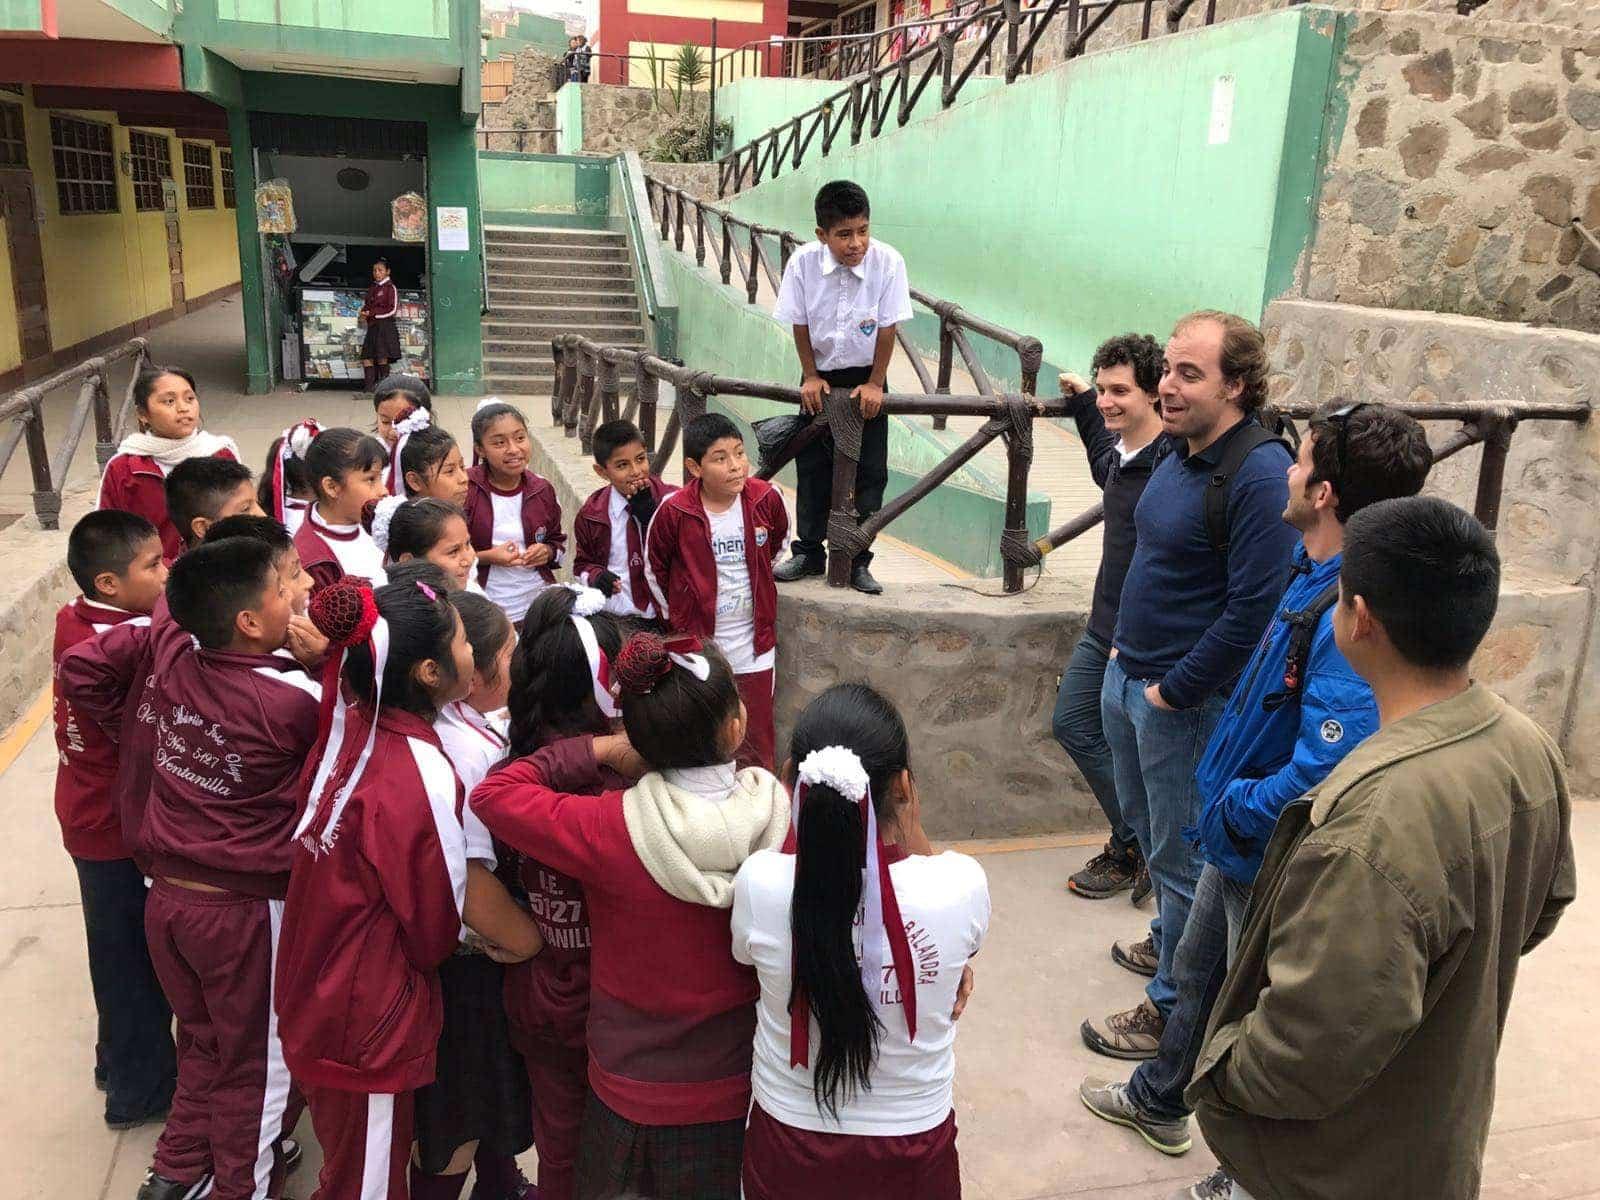 Escuela de Vantanillas en Perú